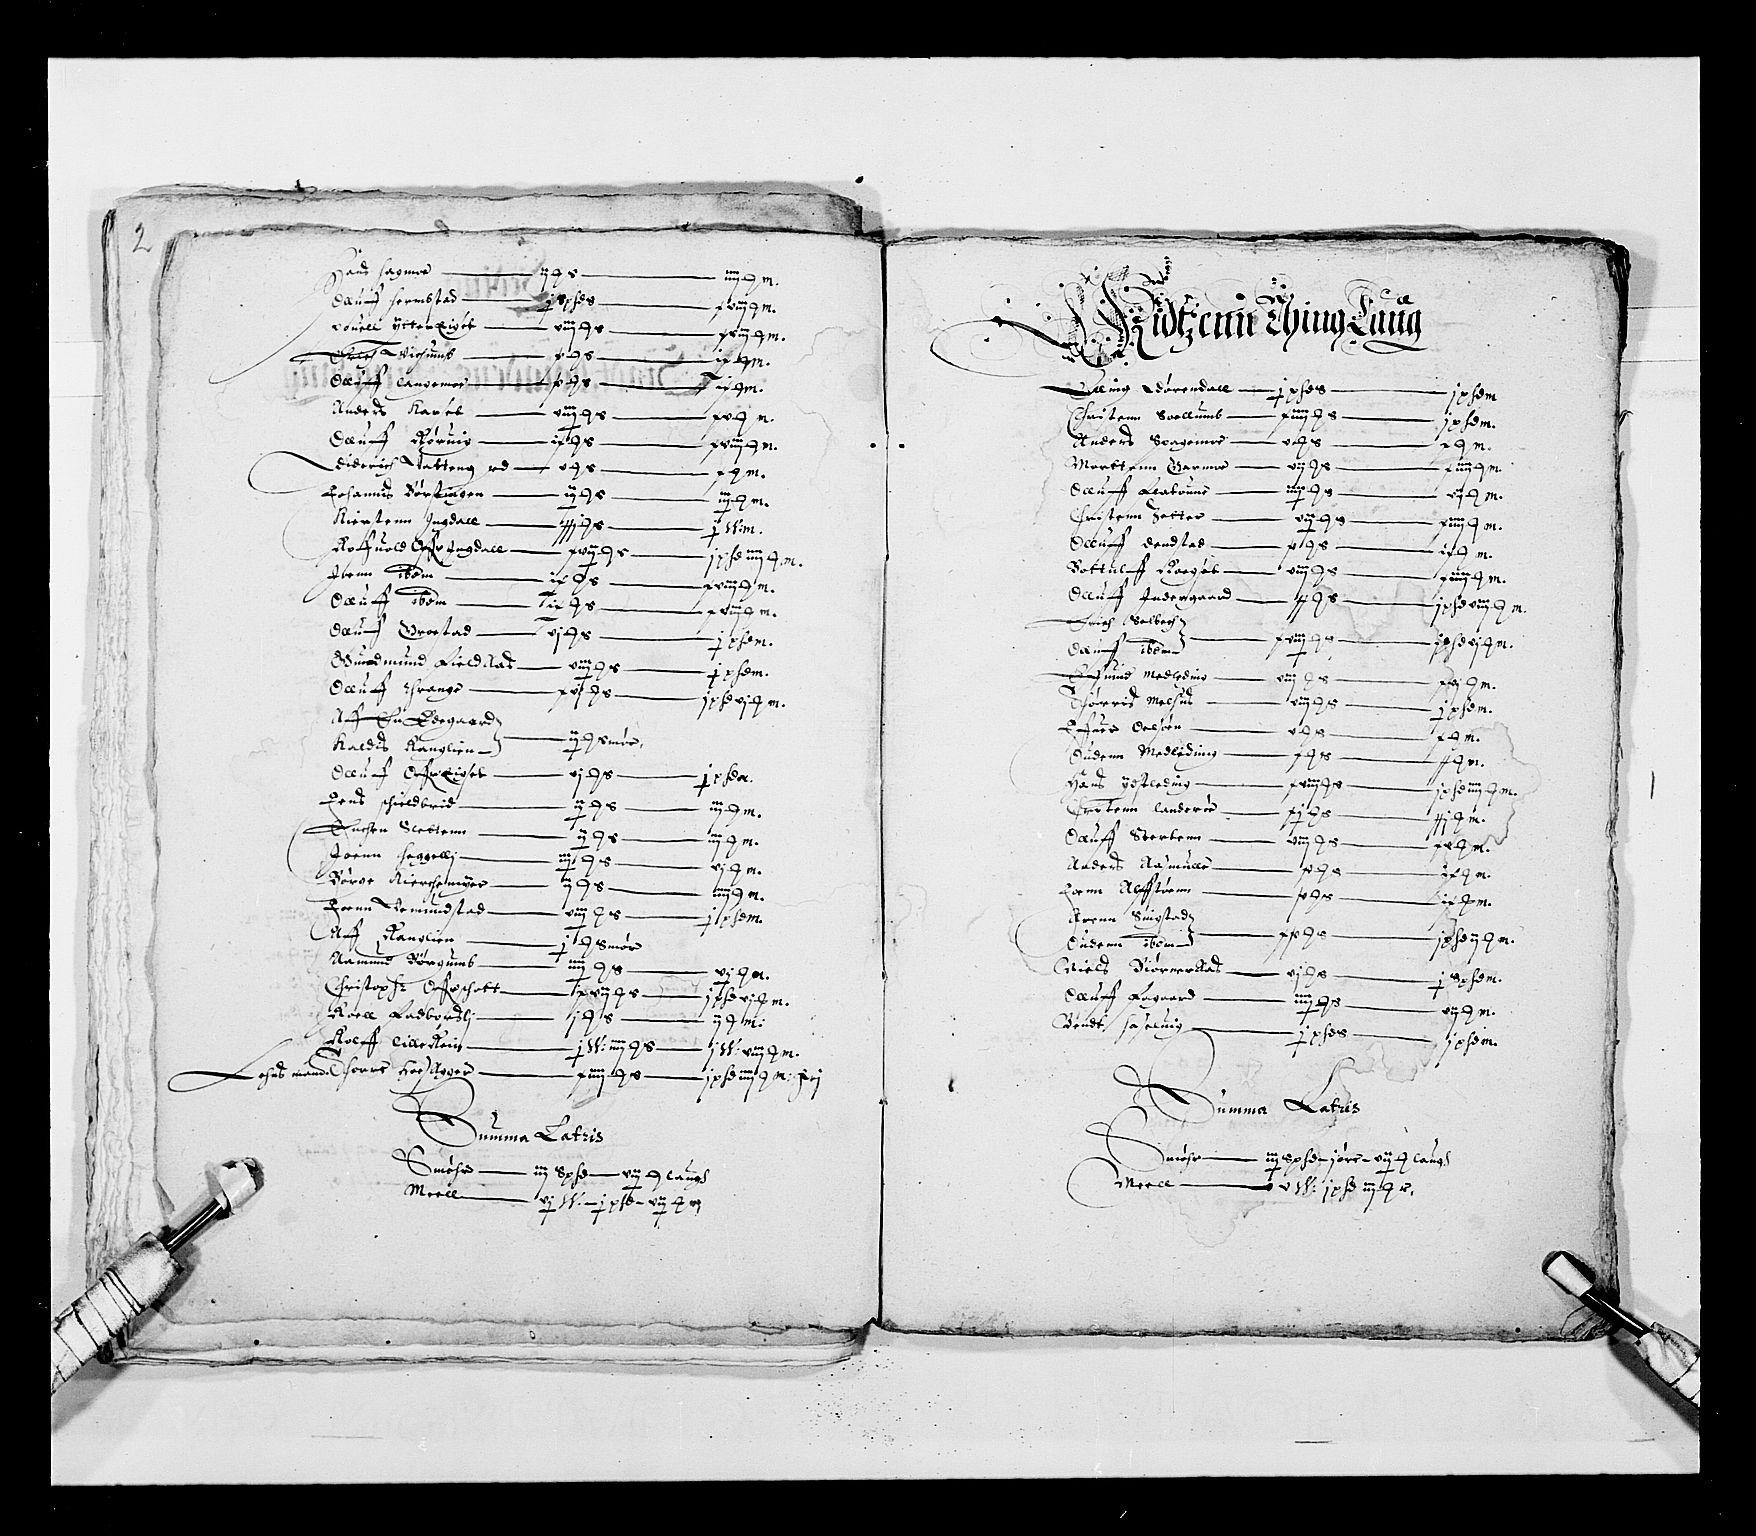 RA, Stattholderembetet 1572-1771, Ek/L0028: Jordebøker 1633-1658:, 1645-1646, s. 53